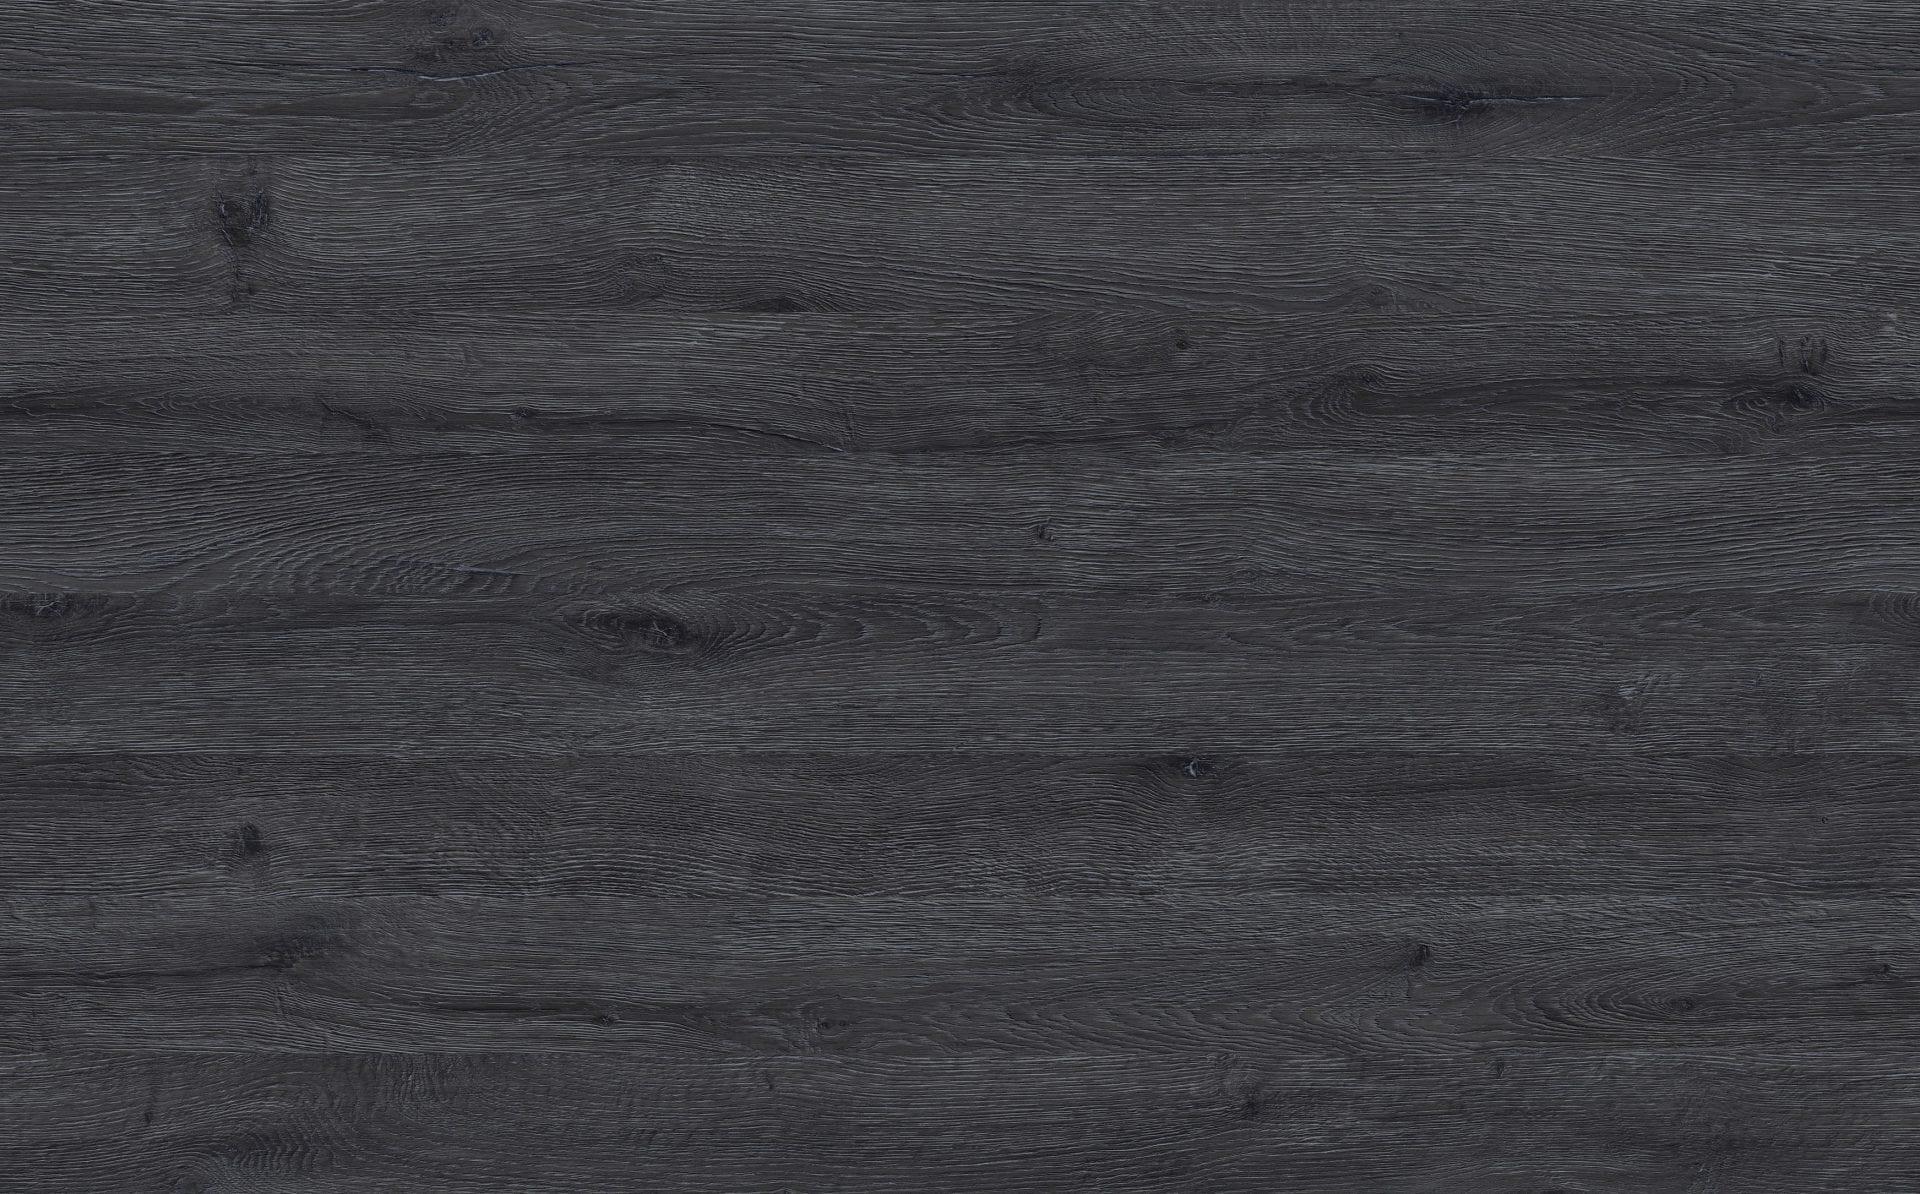 Oak Noir Wood Décor by Topform Ireland